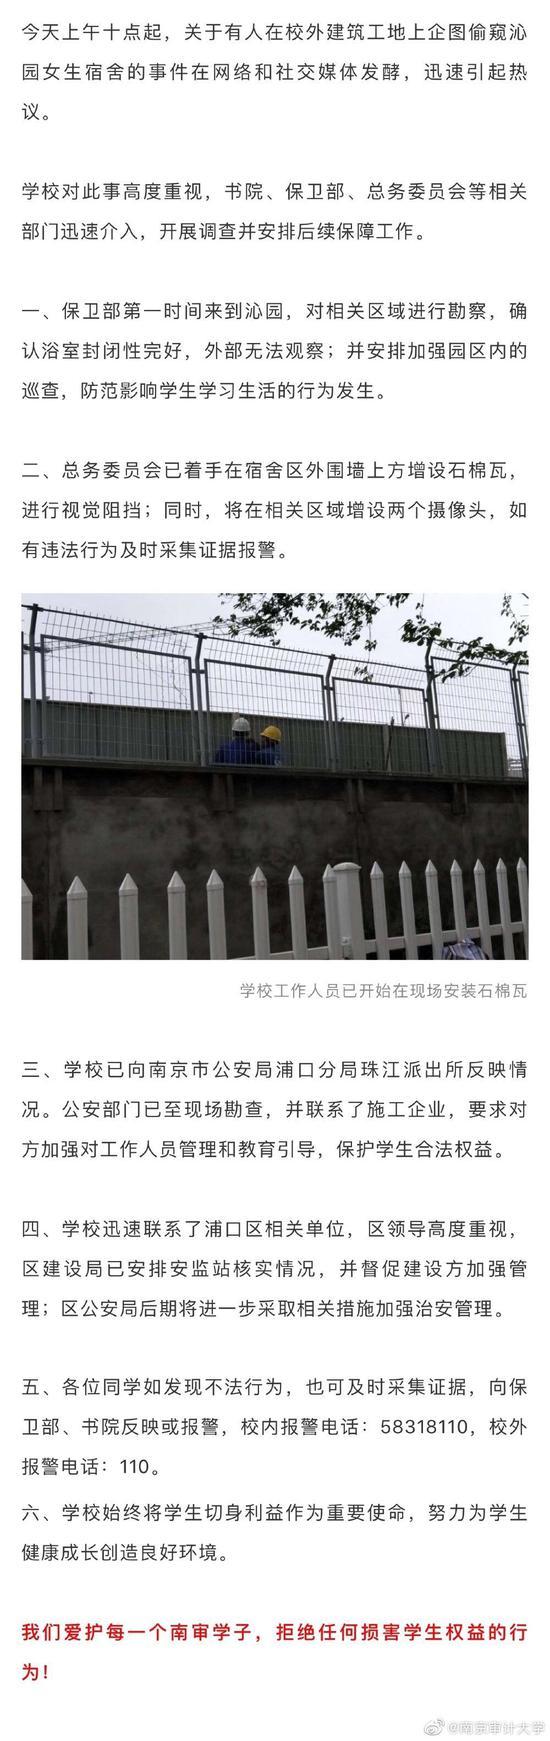 南京审计大学微博